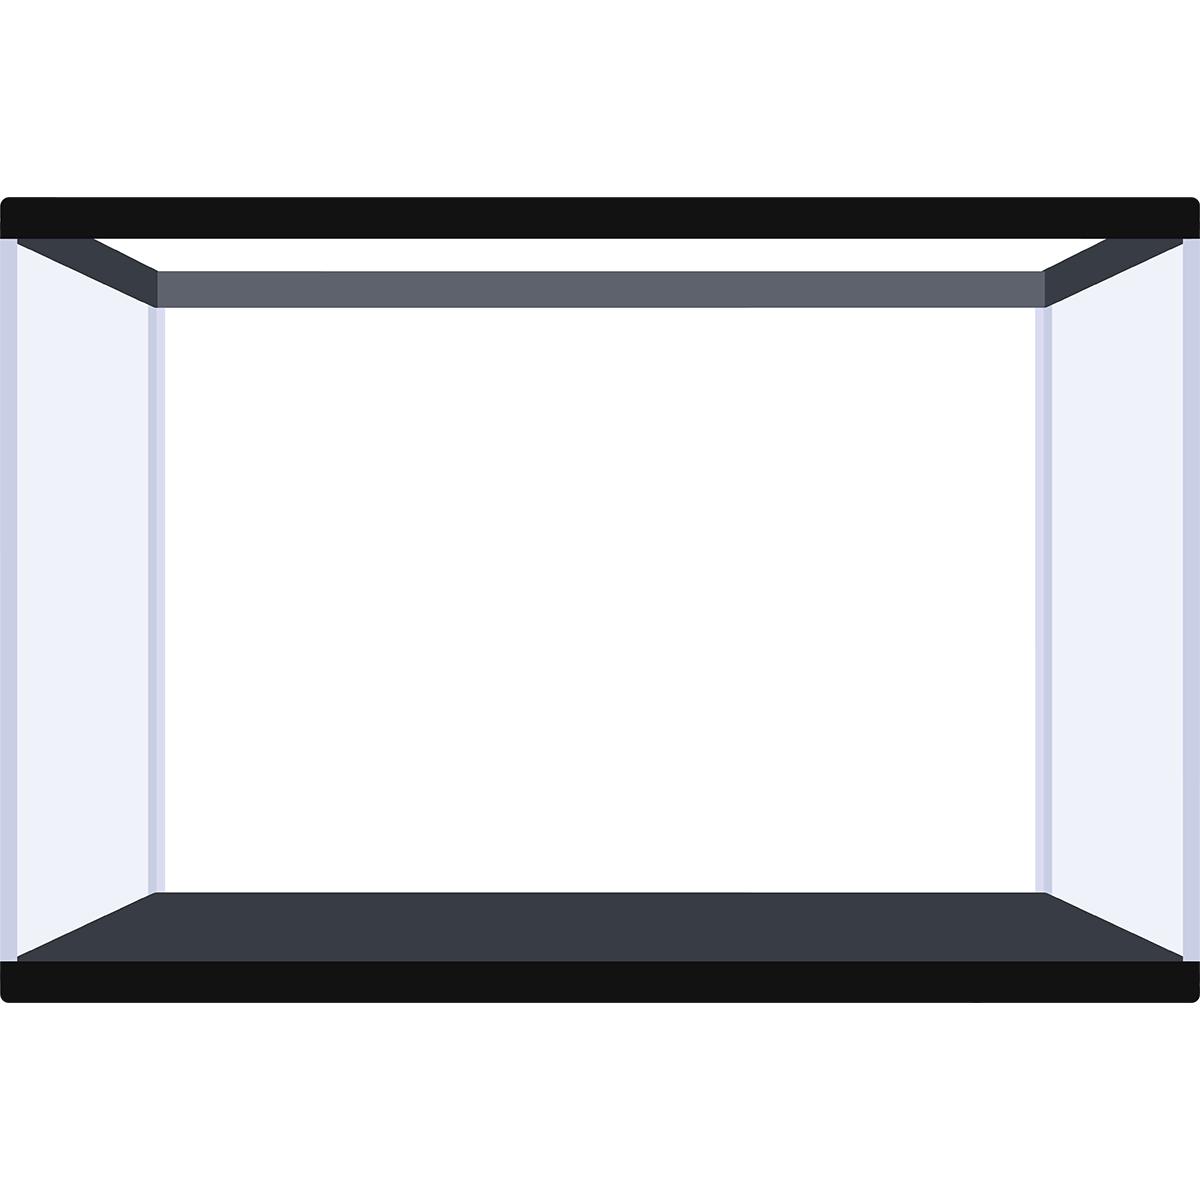 水槽の無料イラスト